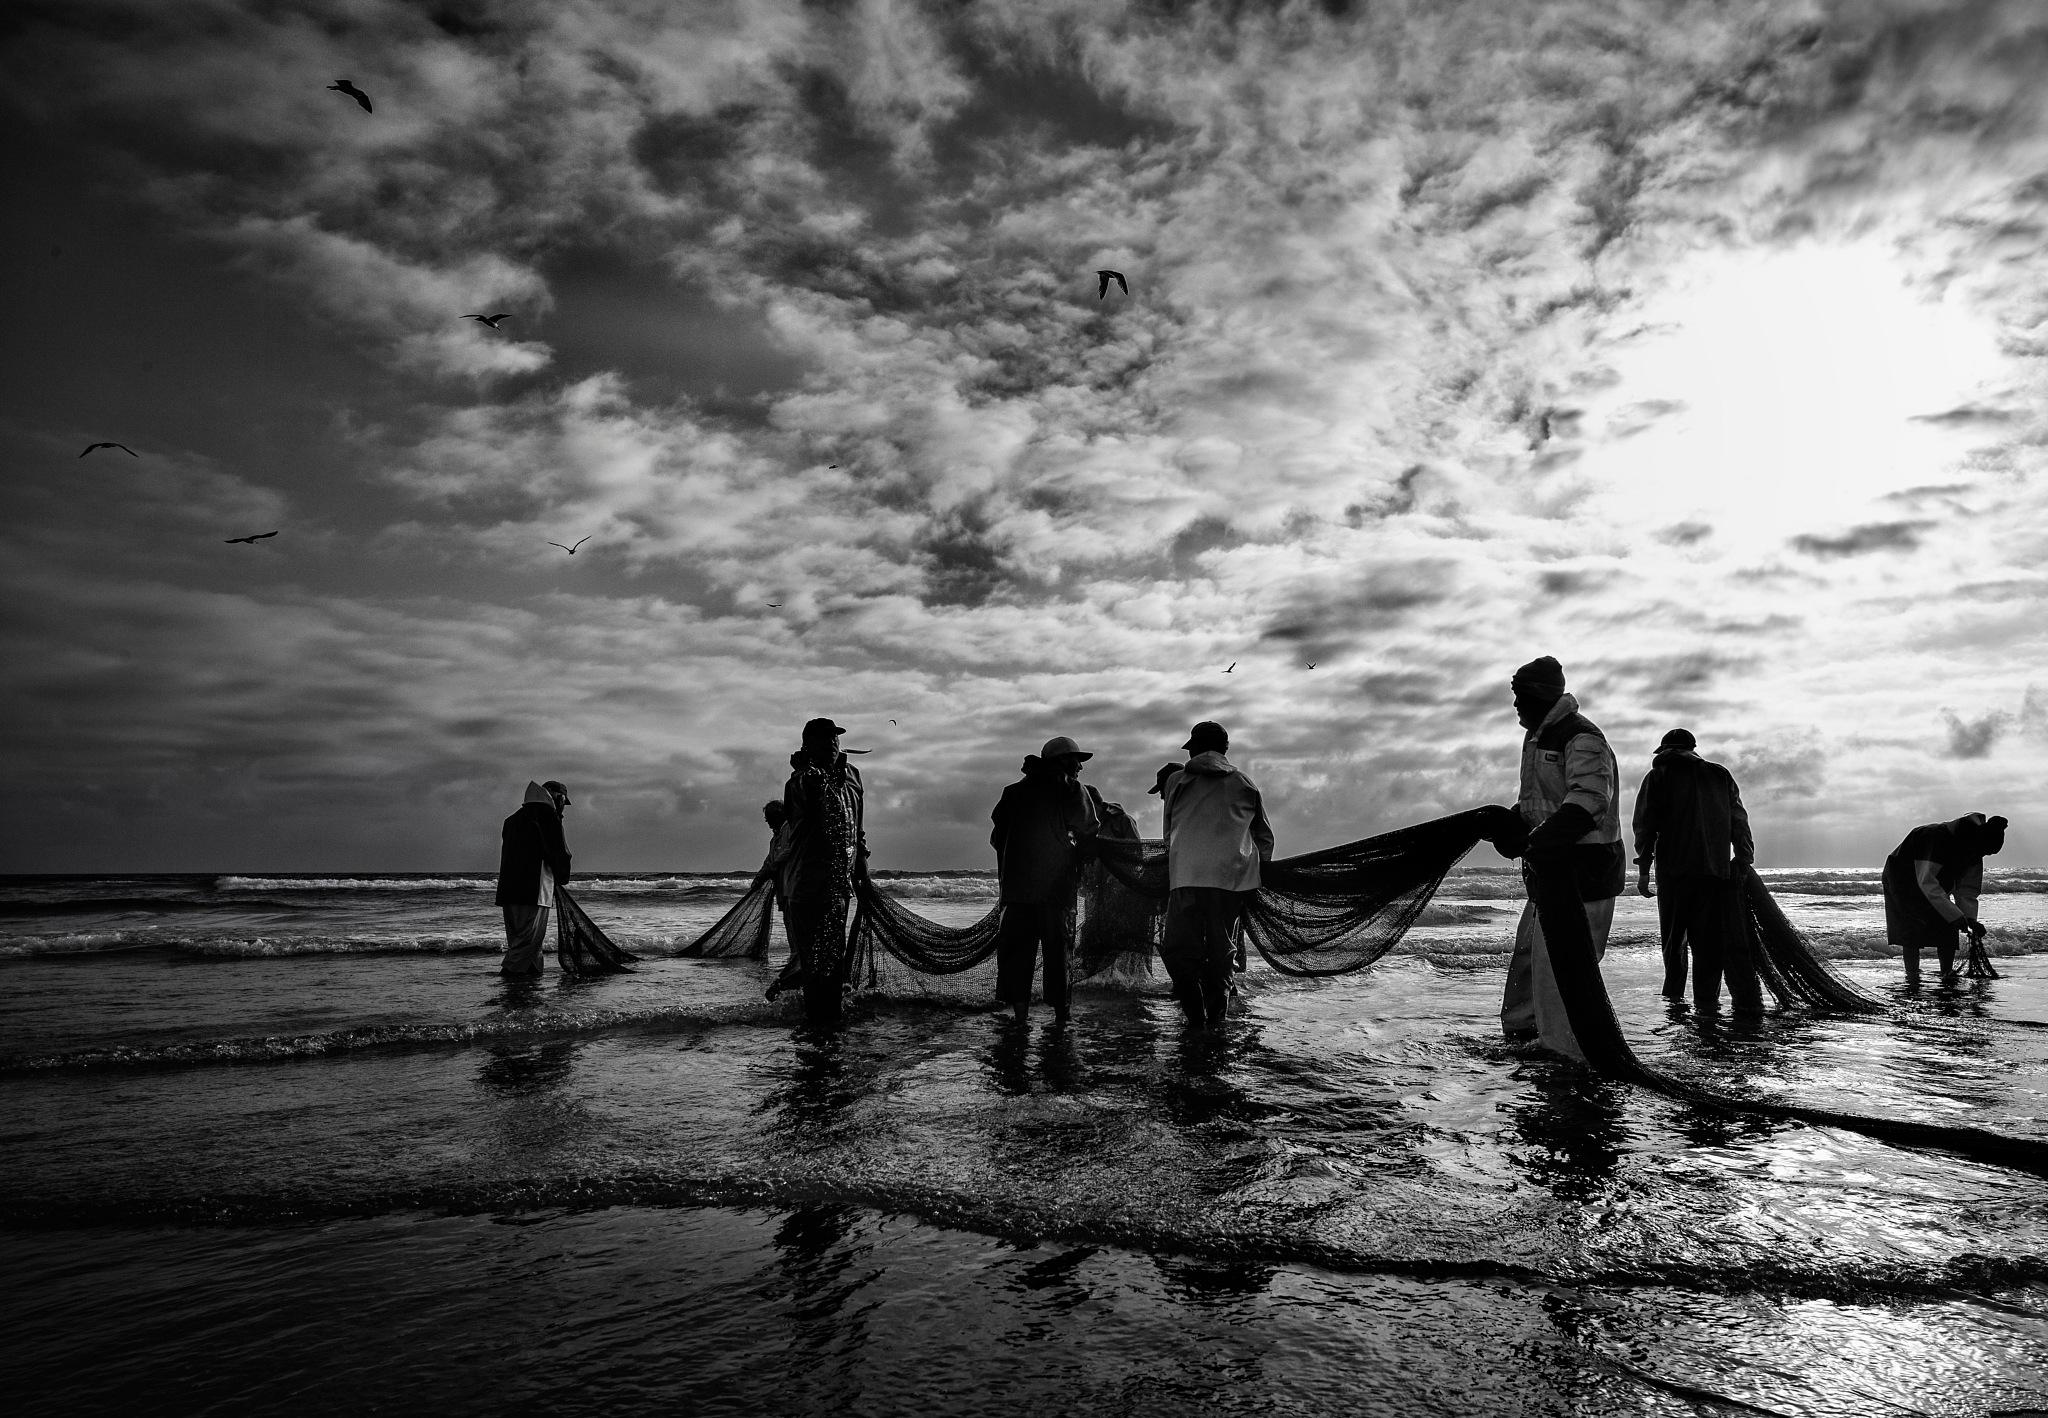 Pesca by Carlos Delgado